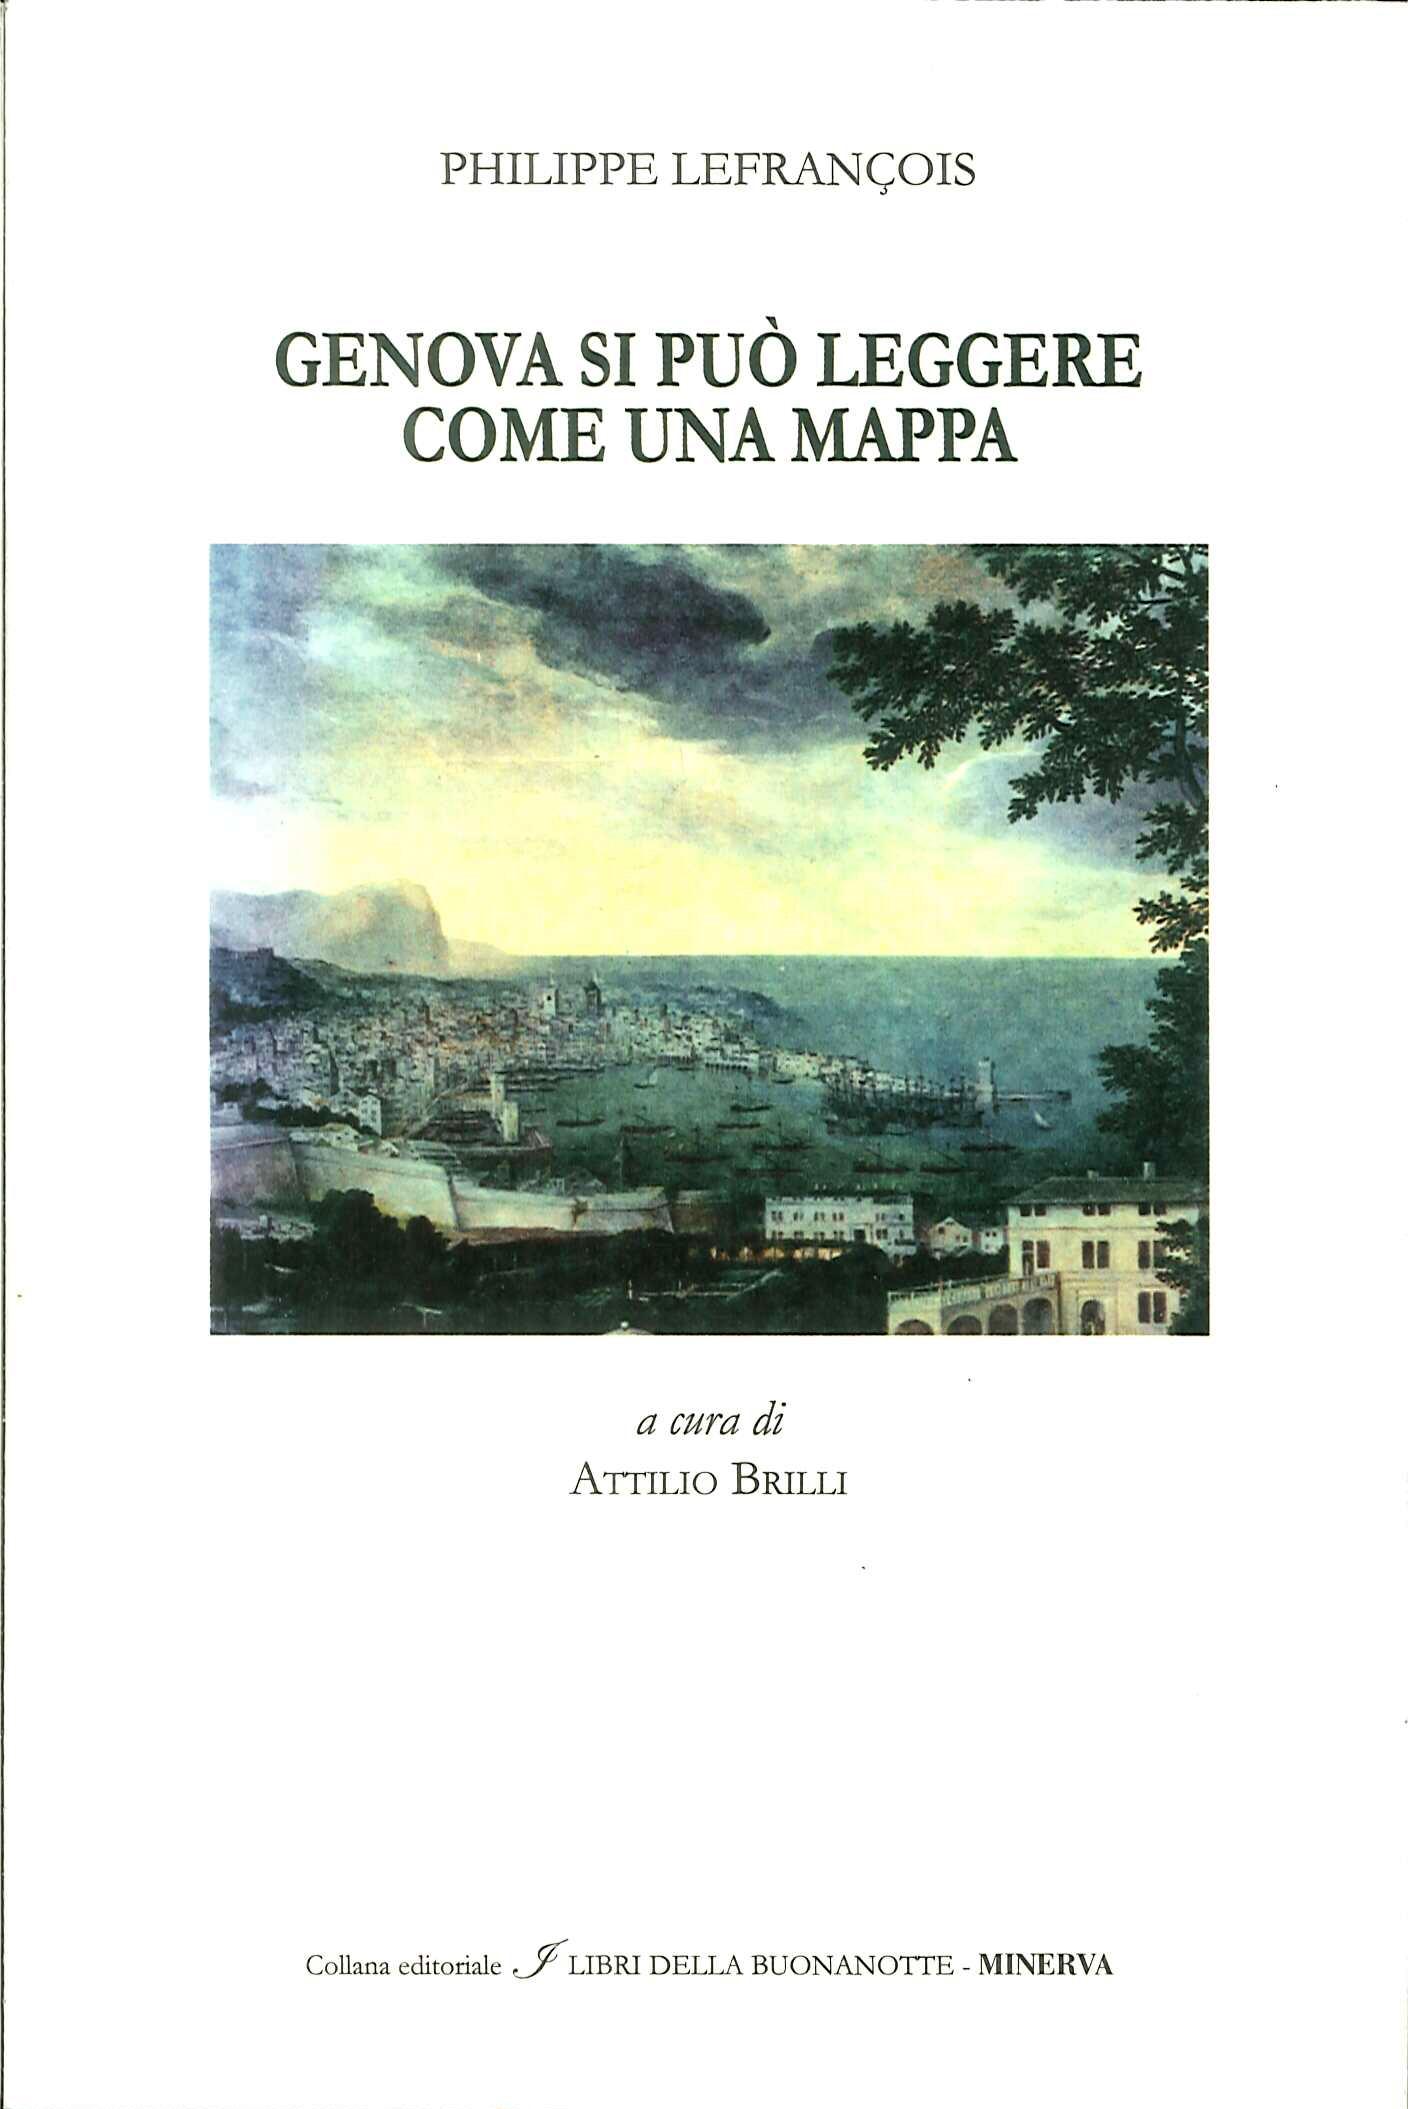 Si può leggere Genova come una mappa